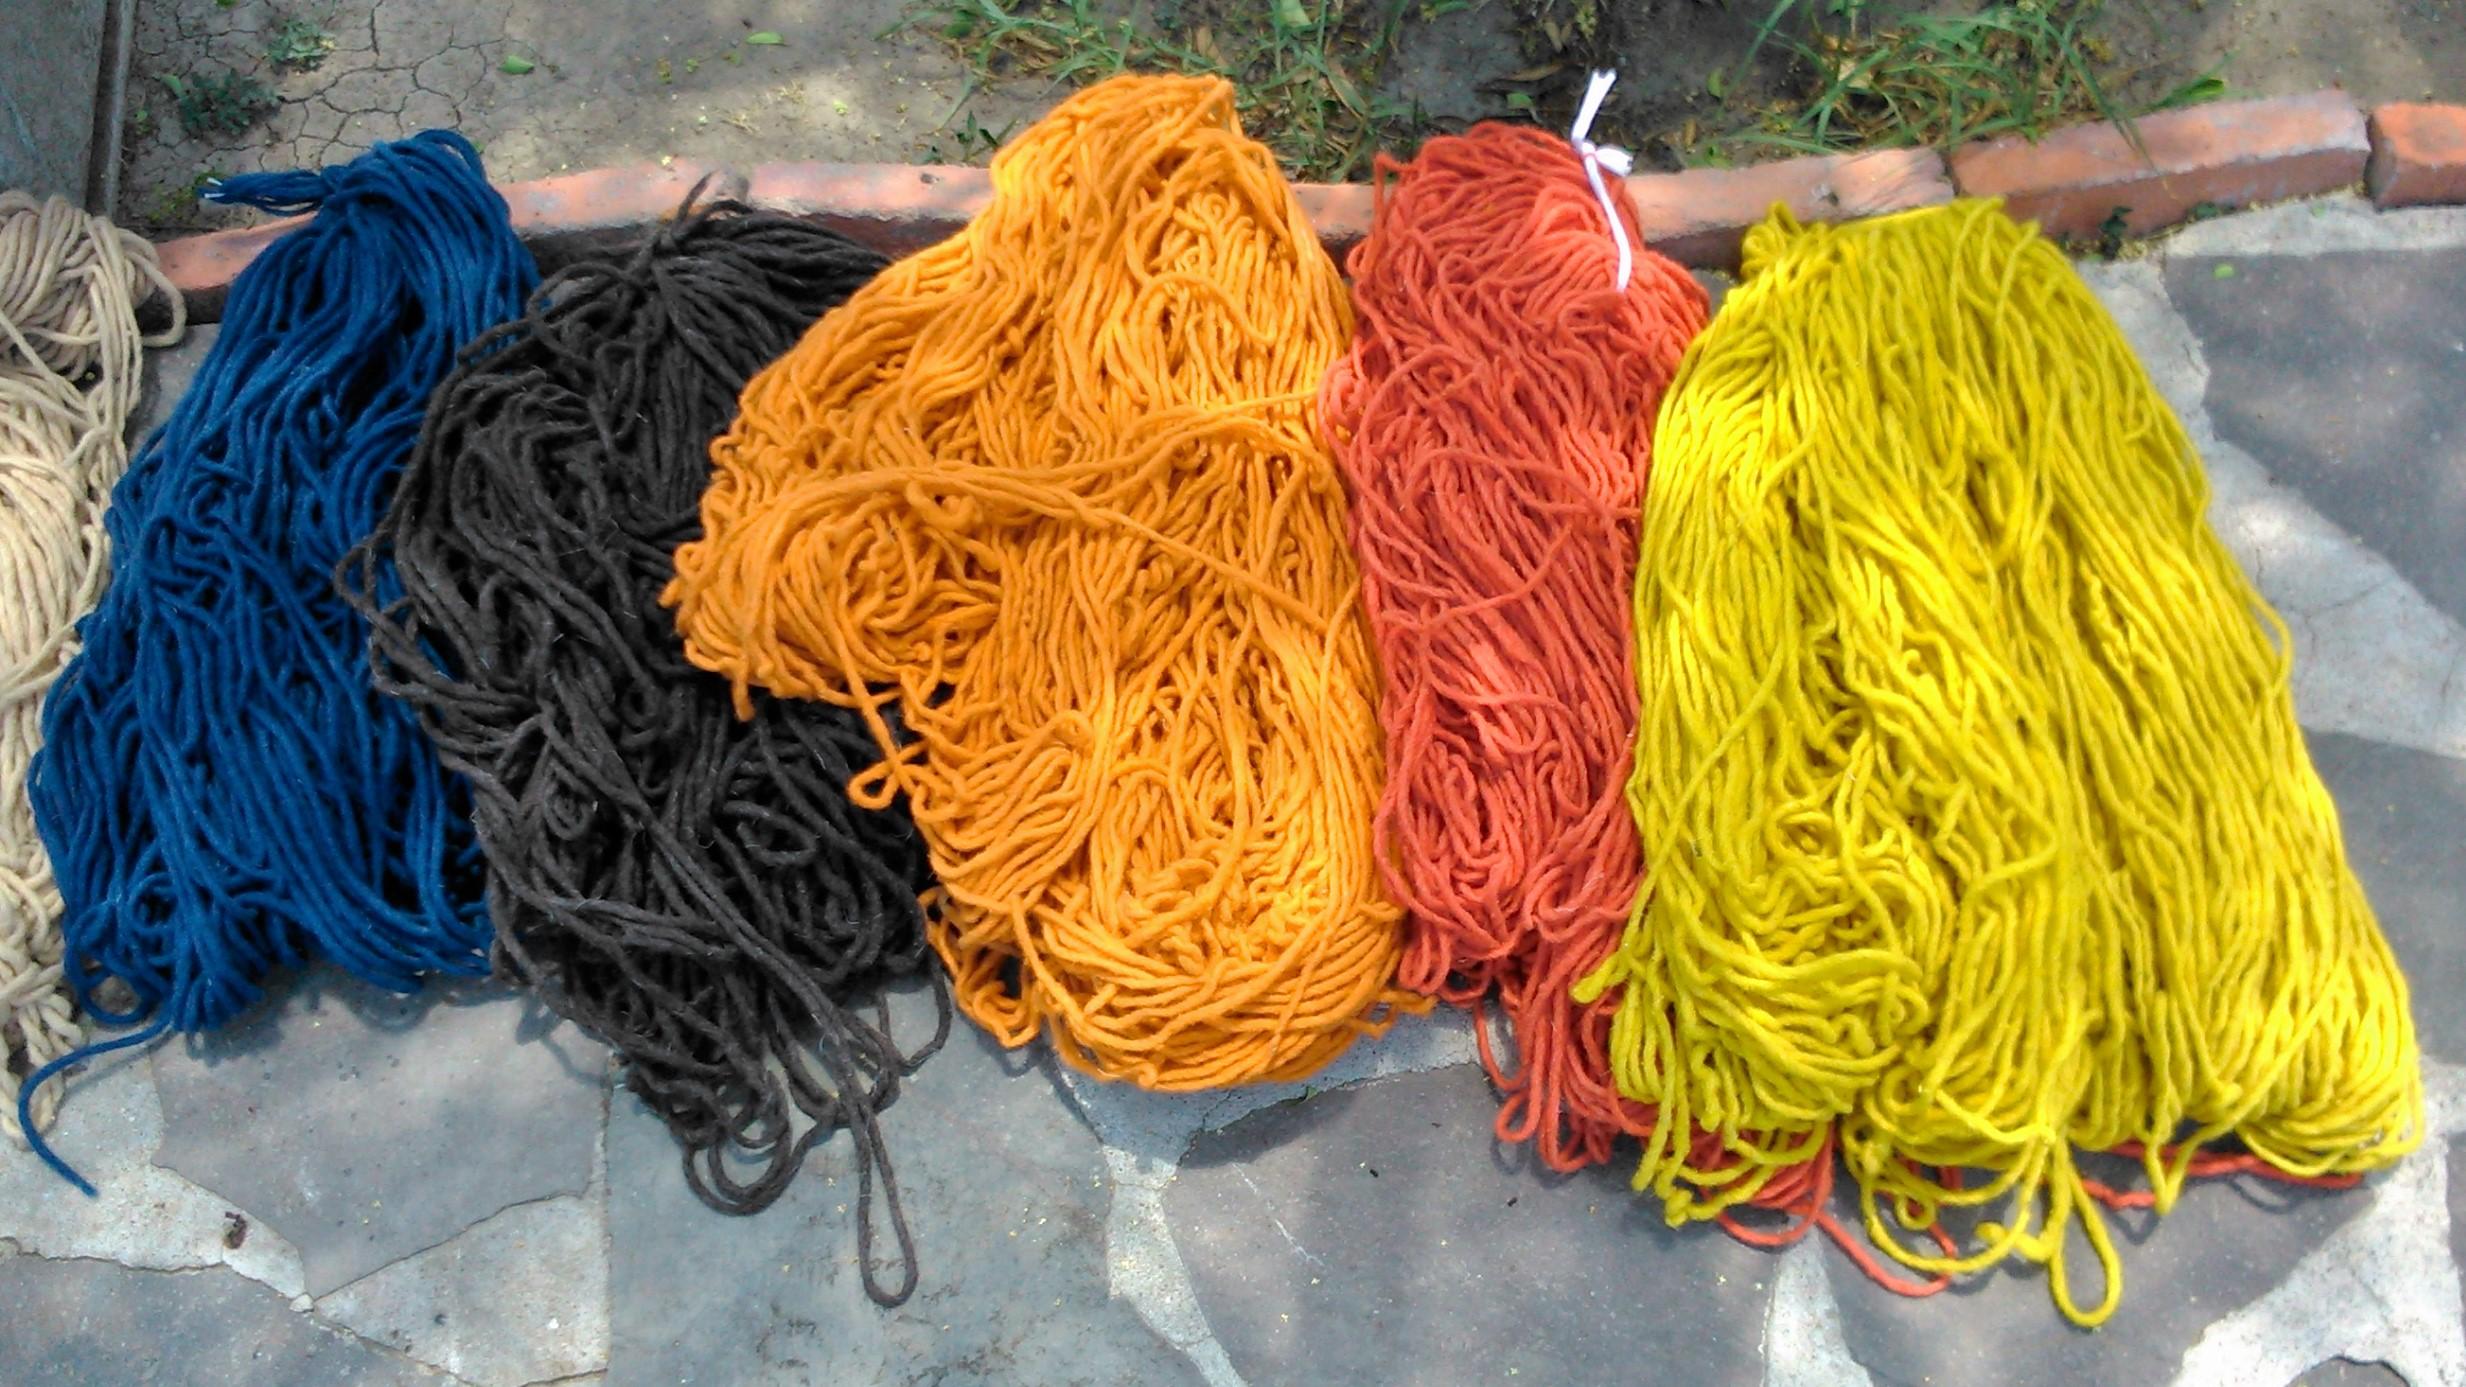 lana teñida con tintes químicos